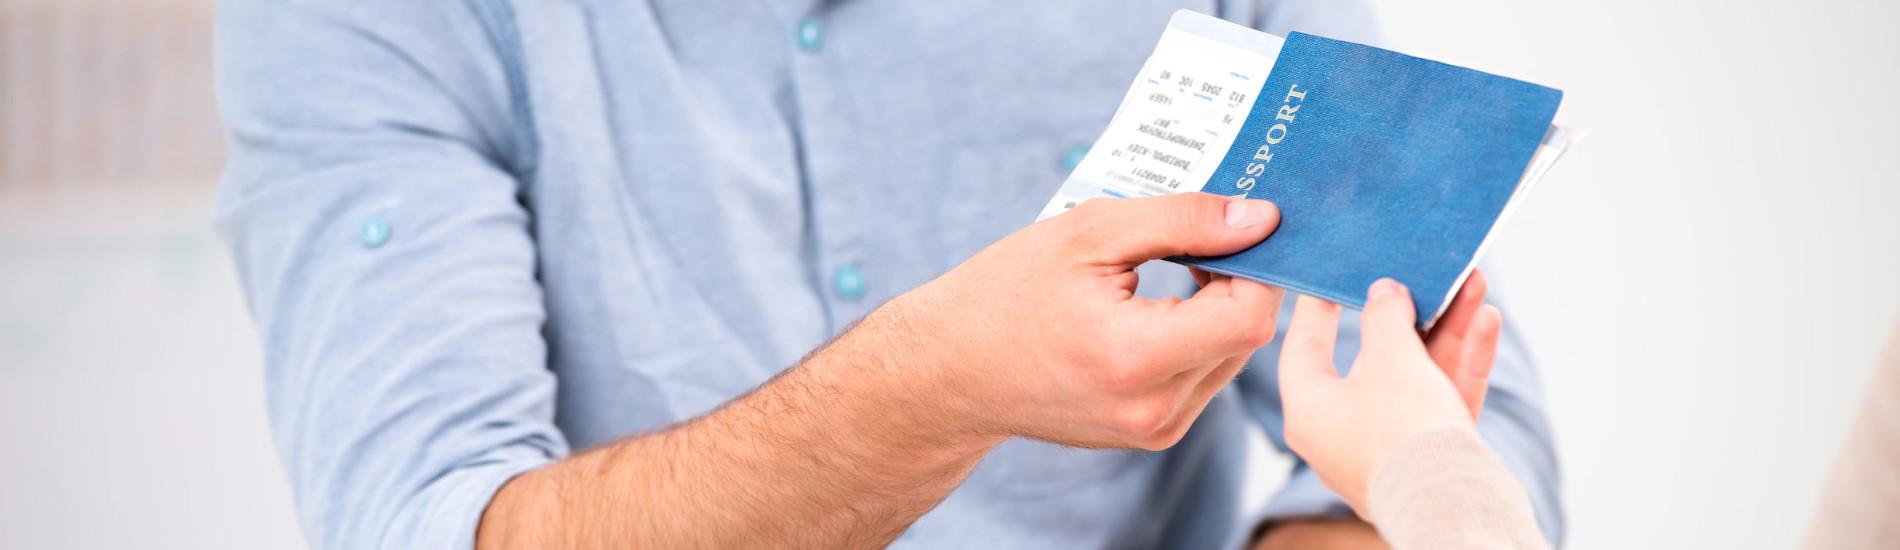 Niewywiązanie się biura podróży z umowy – prawo do świadczenia zastępczego